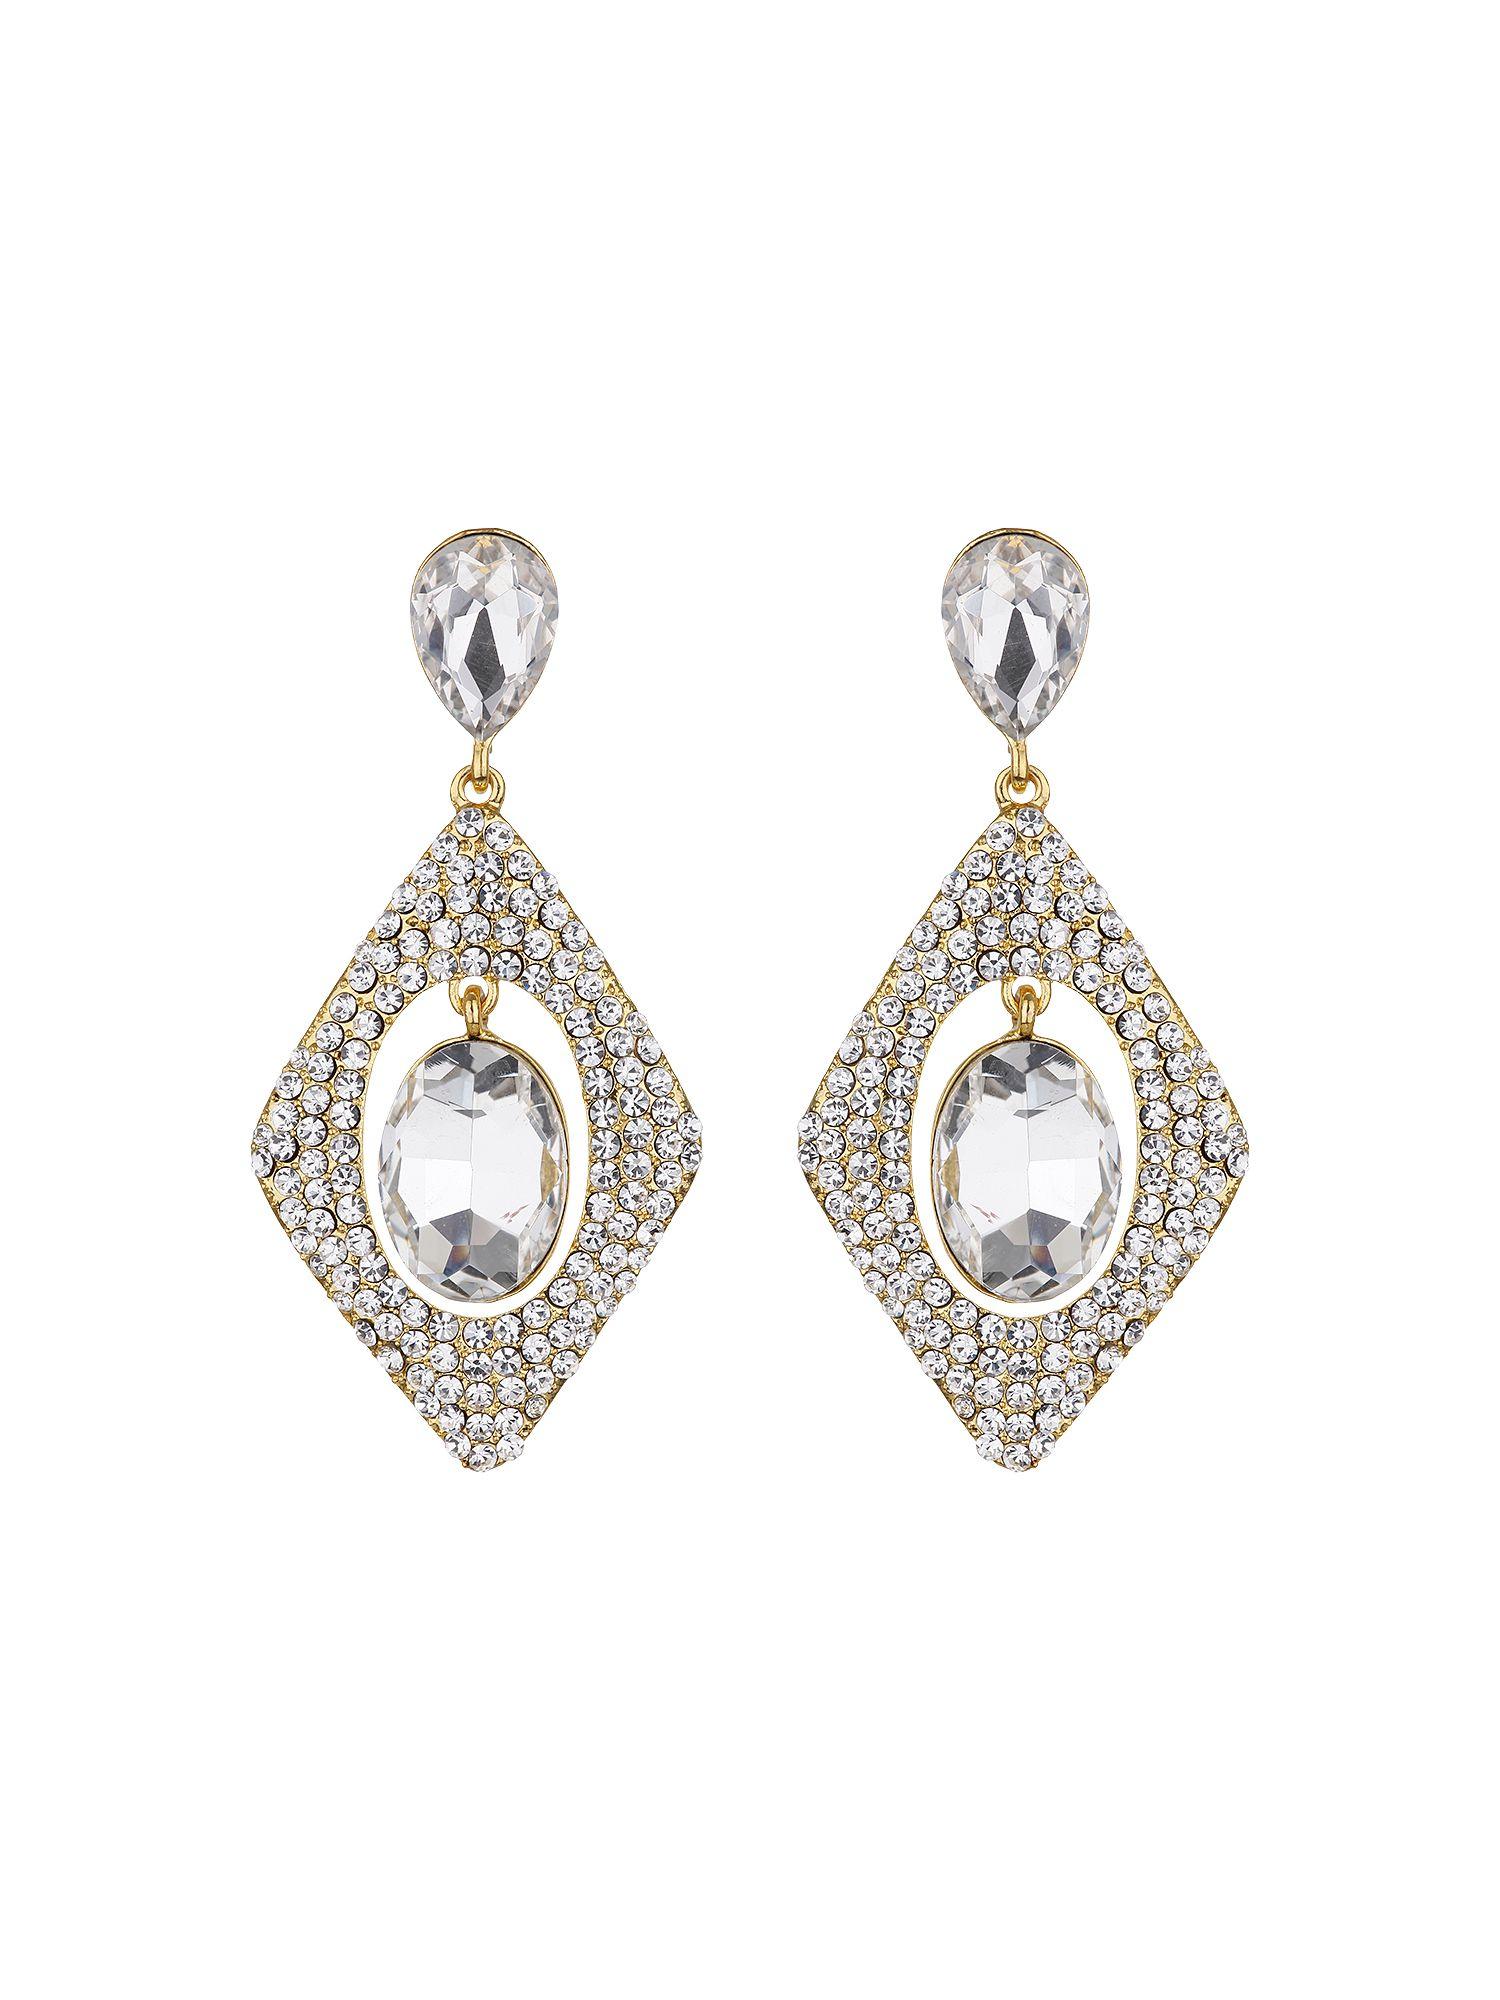 Baguette Diamond Earring Jackets